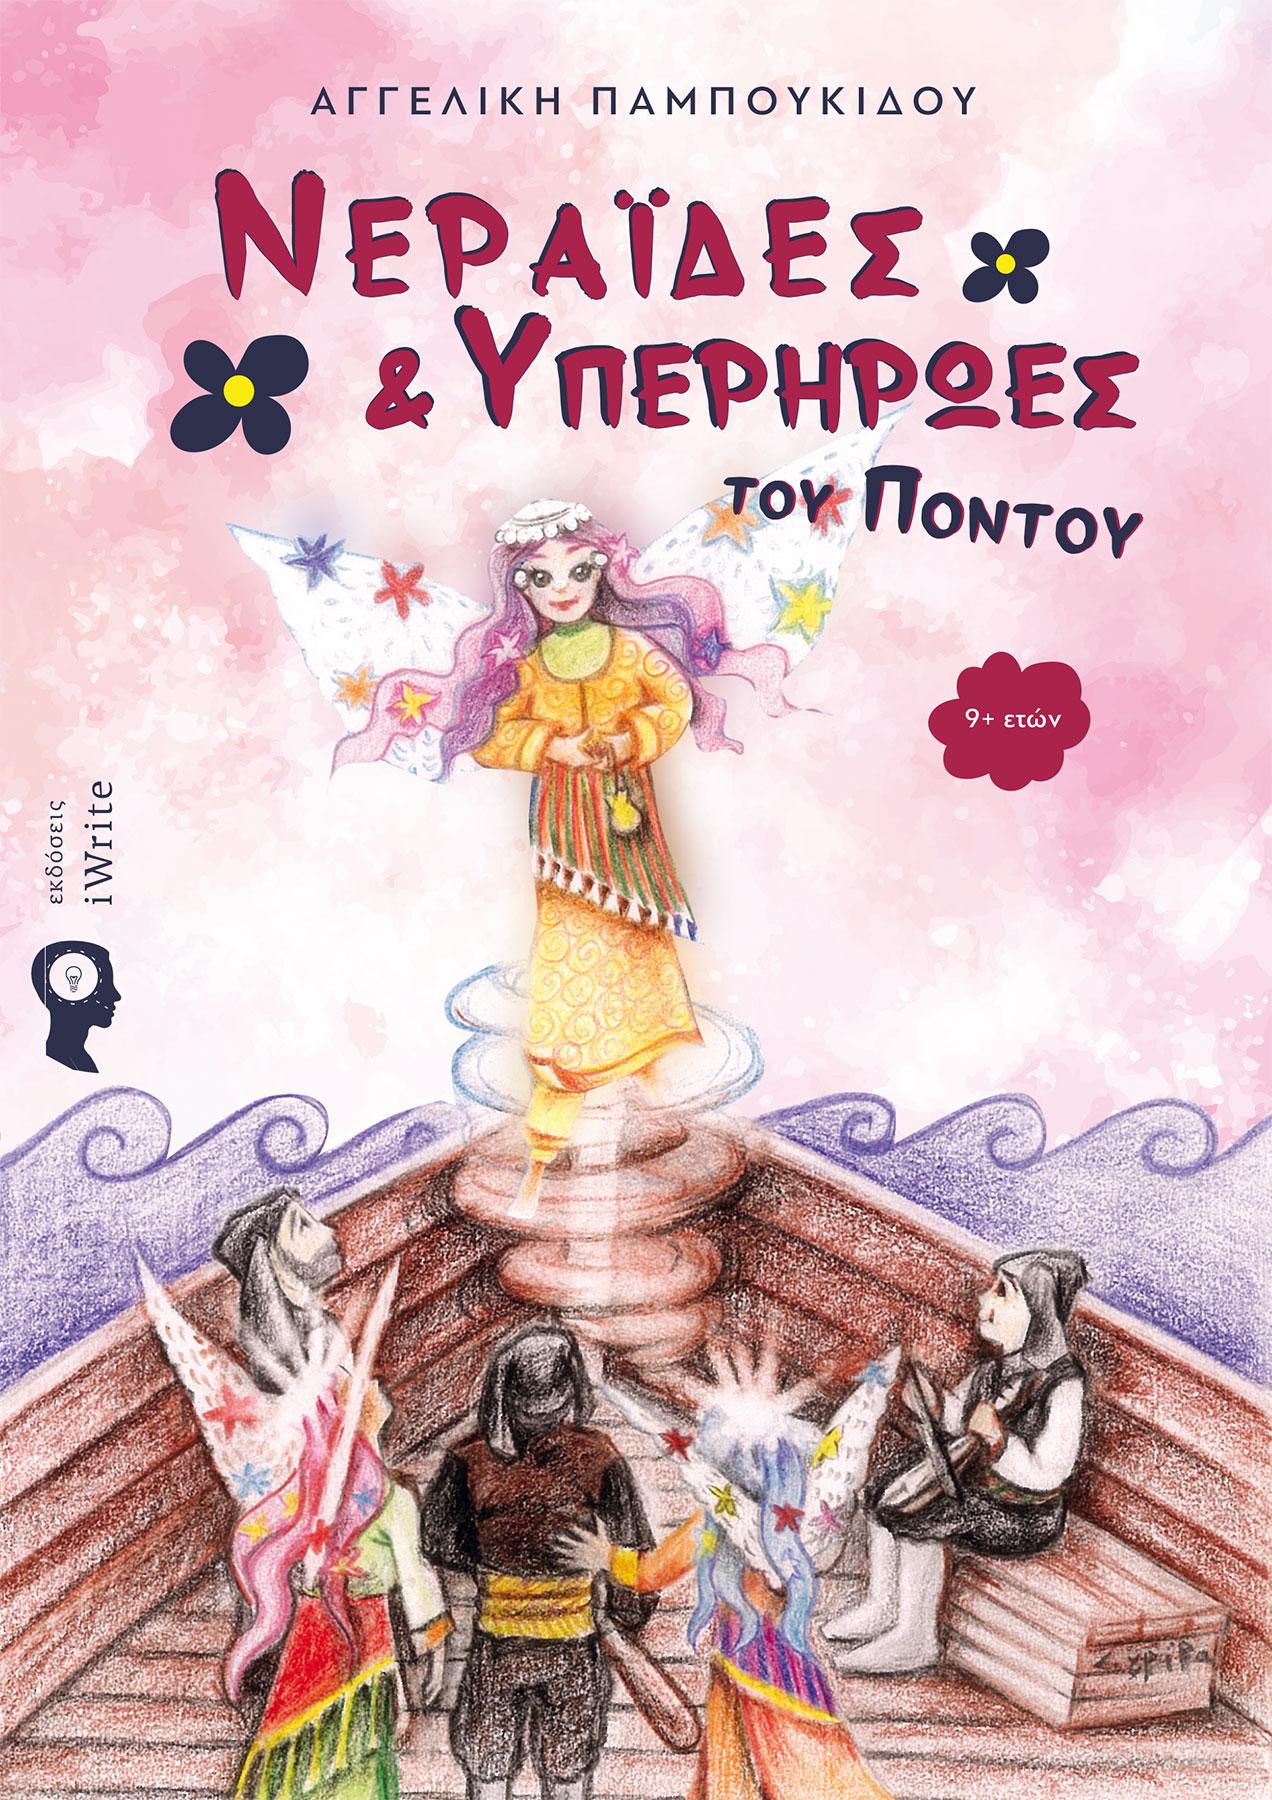 Νεράιδες και υπερήρωες του Πόντου, , Παμπουκίδου, Αγγελική, Εκδόσεις iWrite, 2020